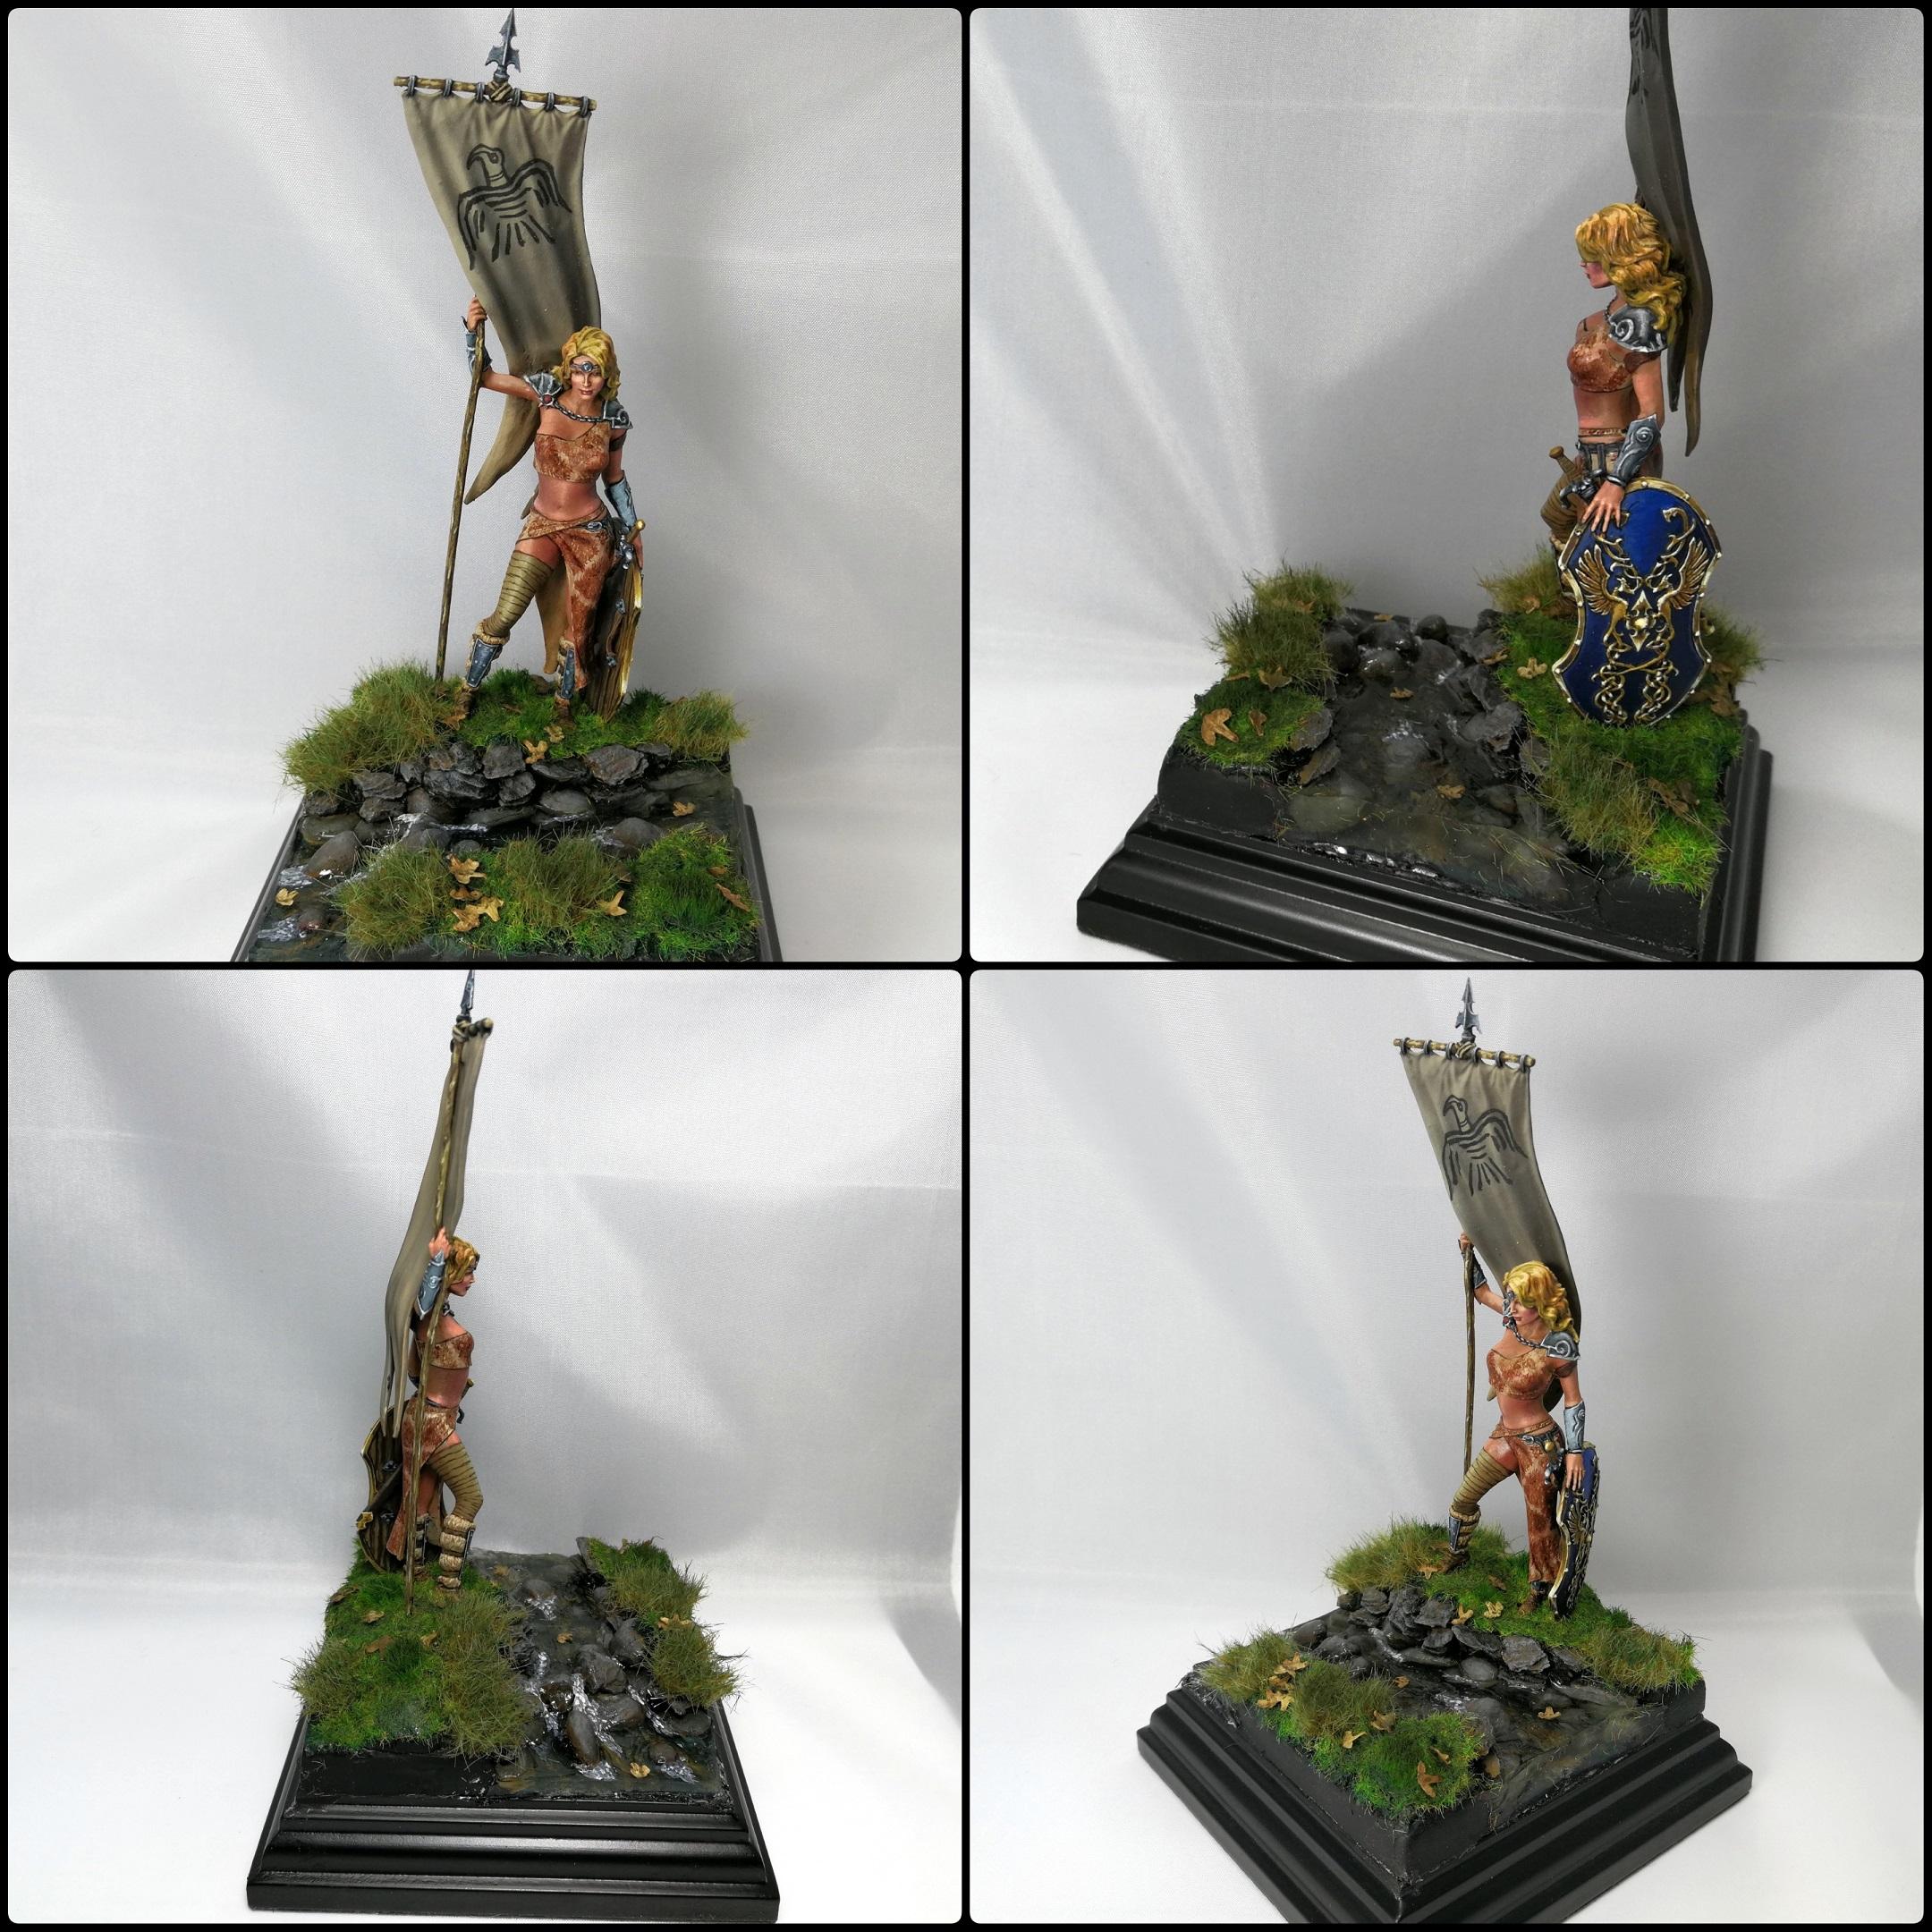 Zoraida by Ares Mythology